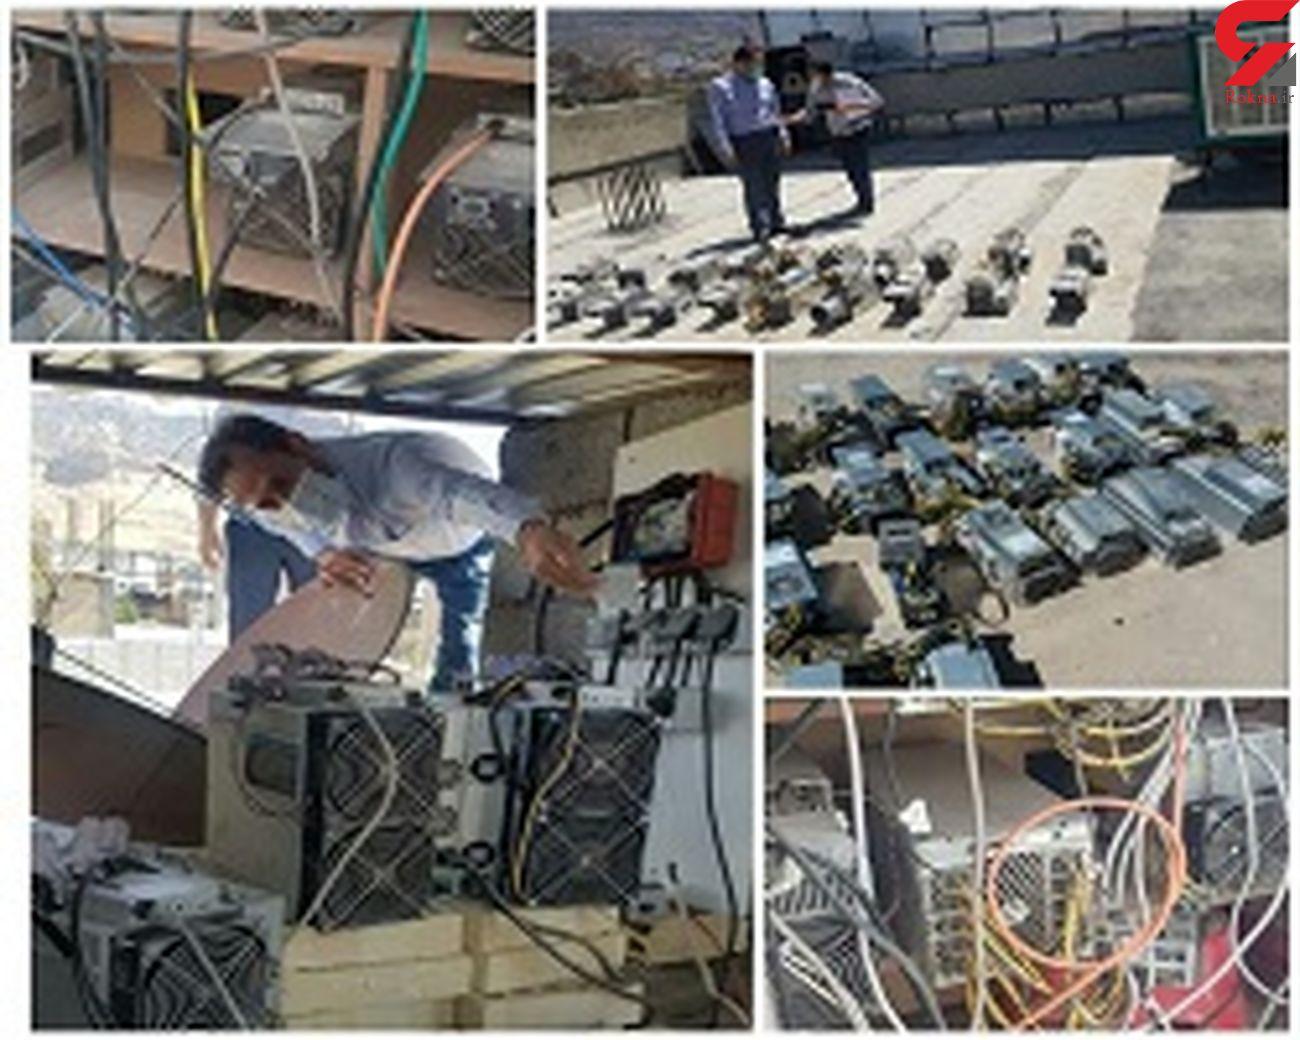 با تلاش شرکت توزیع نیروی برق استان و همزمان با مانور سراسری کشف ۵۰ دستگاه ماینر در ایلام